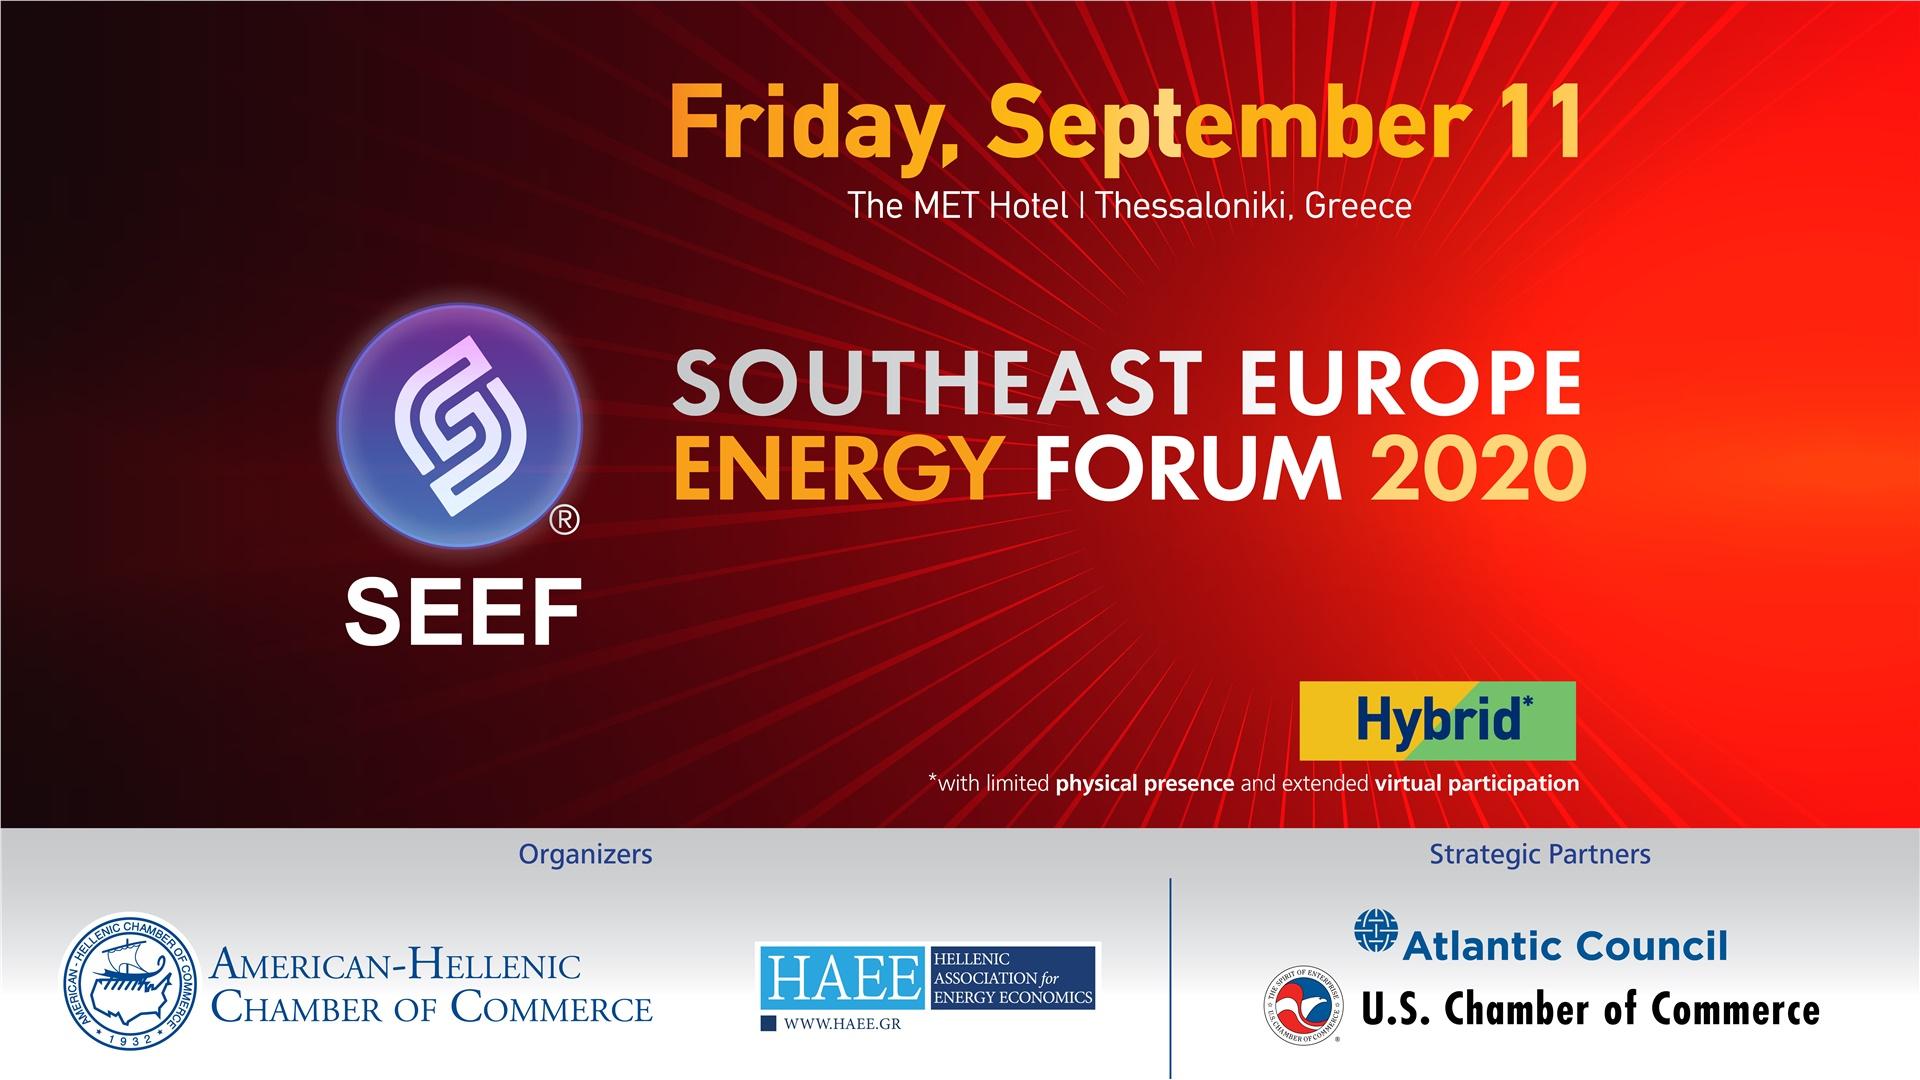 Την Παρασκευή στη Θεσσαλονίκη το 4ο ετήσιο Southeast Europe Energy Forum 2020